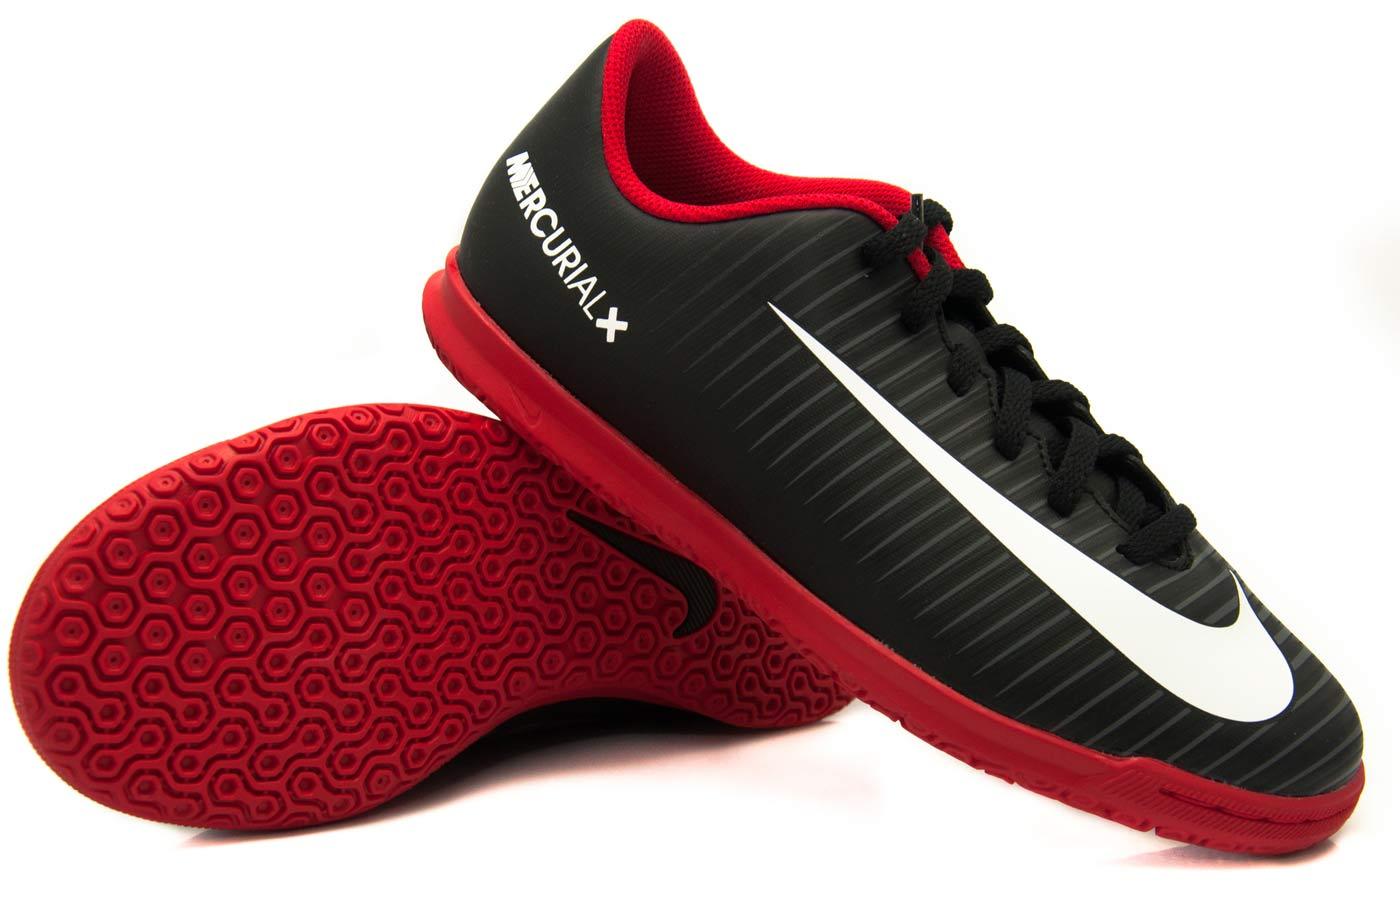 oficjalne zdjęcia ładne buty najlepsza wartość Buty Nike Mercurial Vortex IC - 45 - Halówki - 6882577892 ...